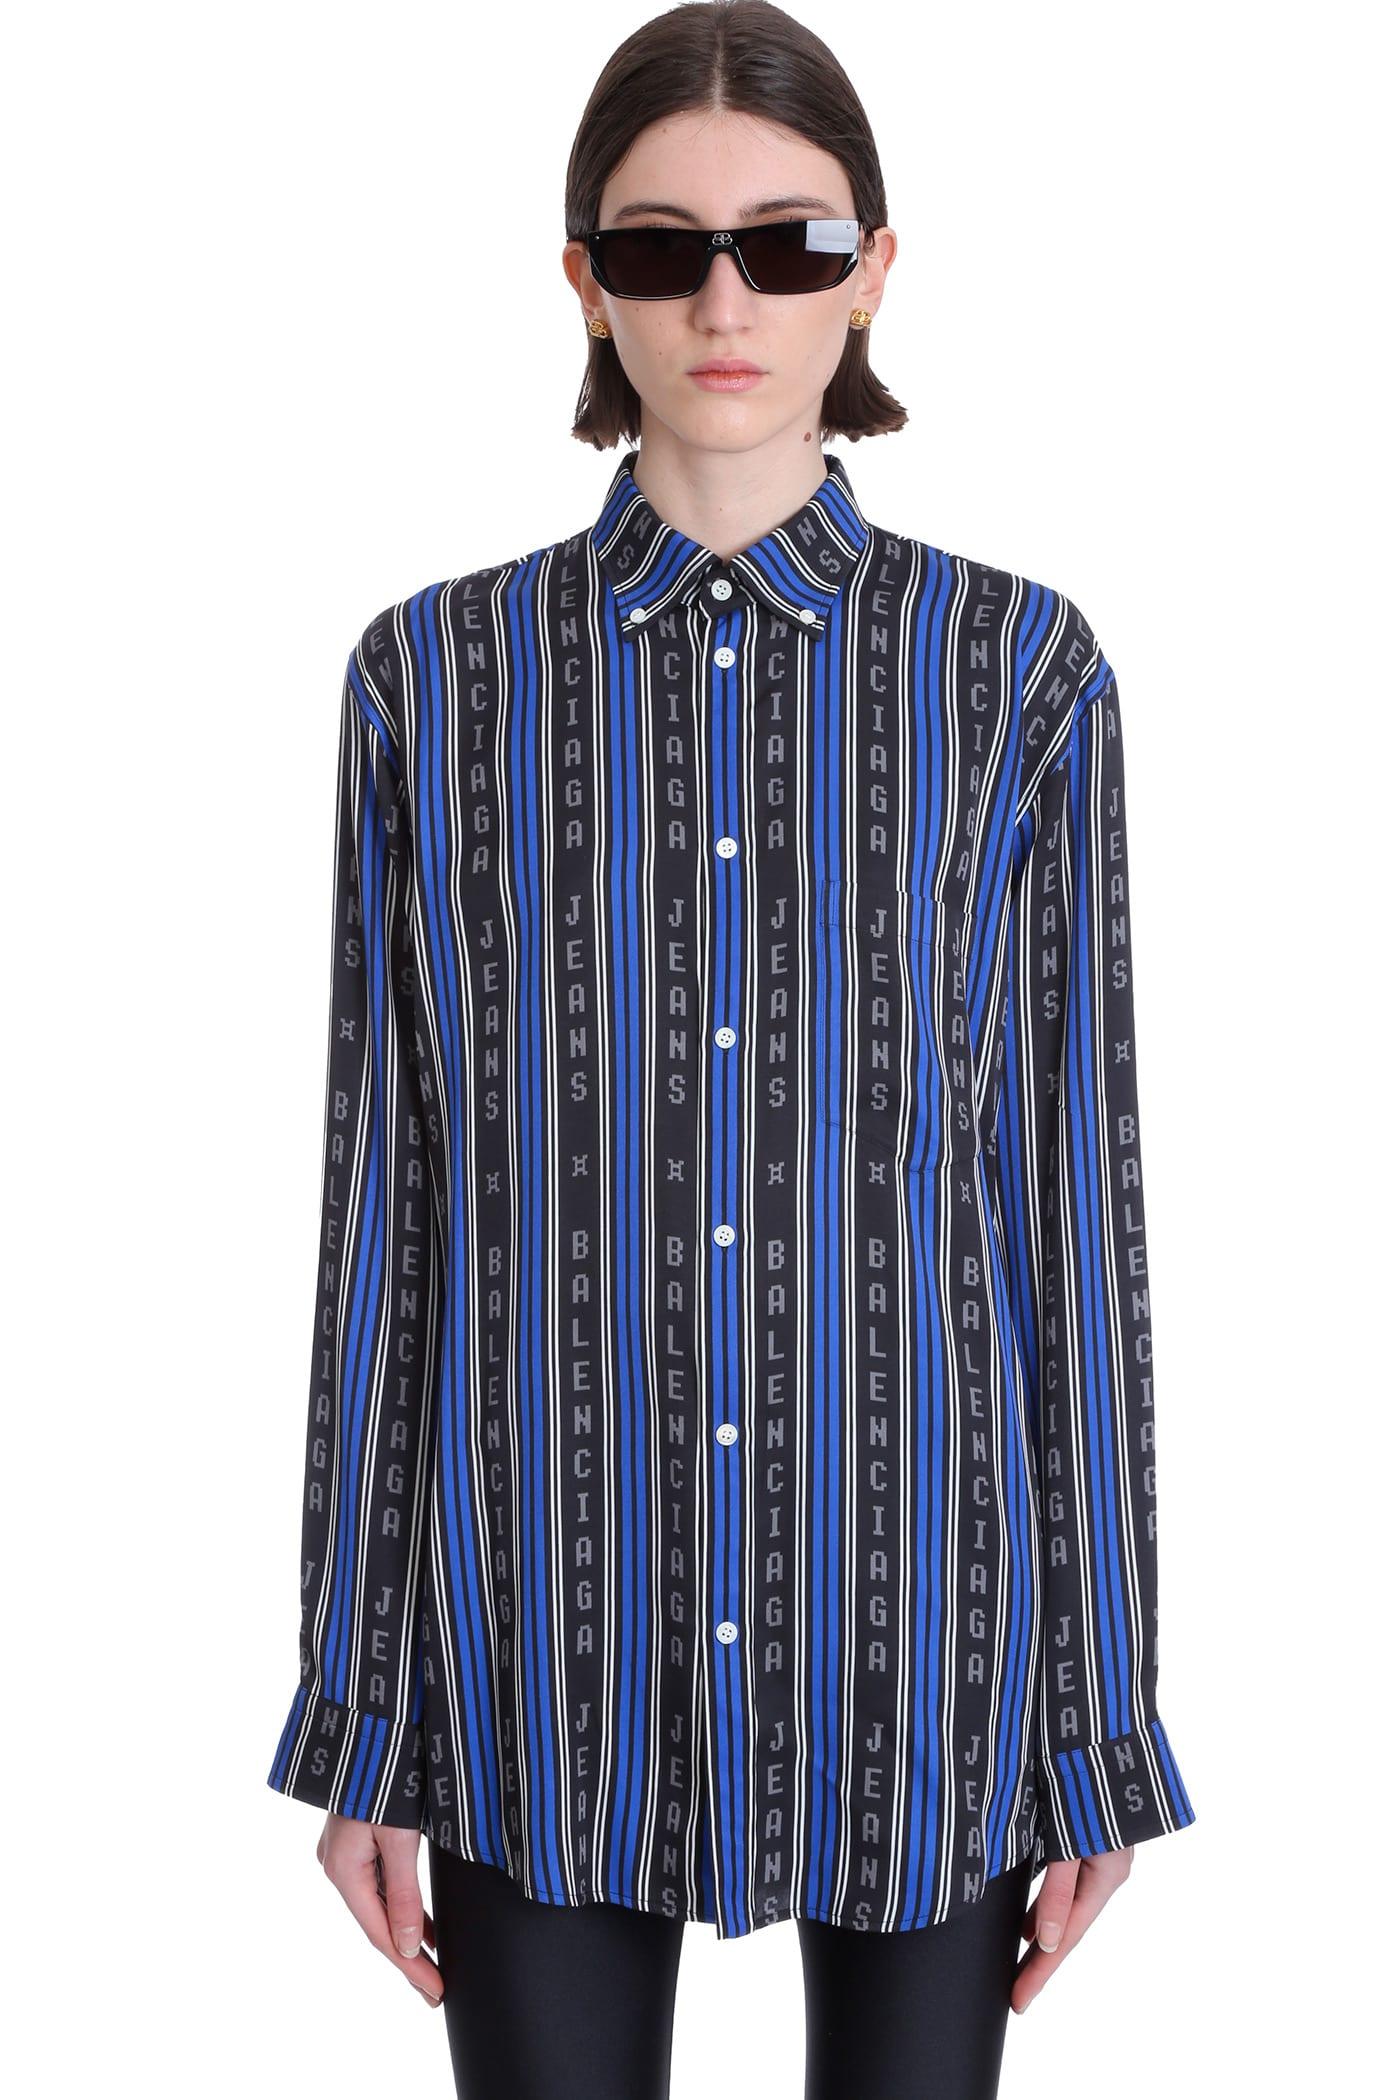 Balenciaga Shirts SHIRT IN BLUE VISCOSE